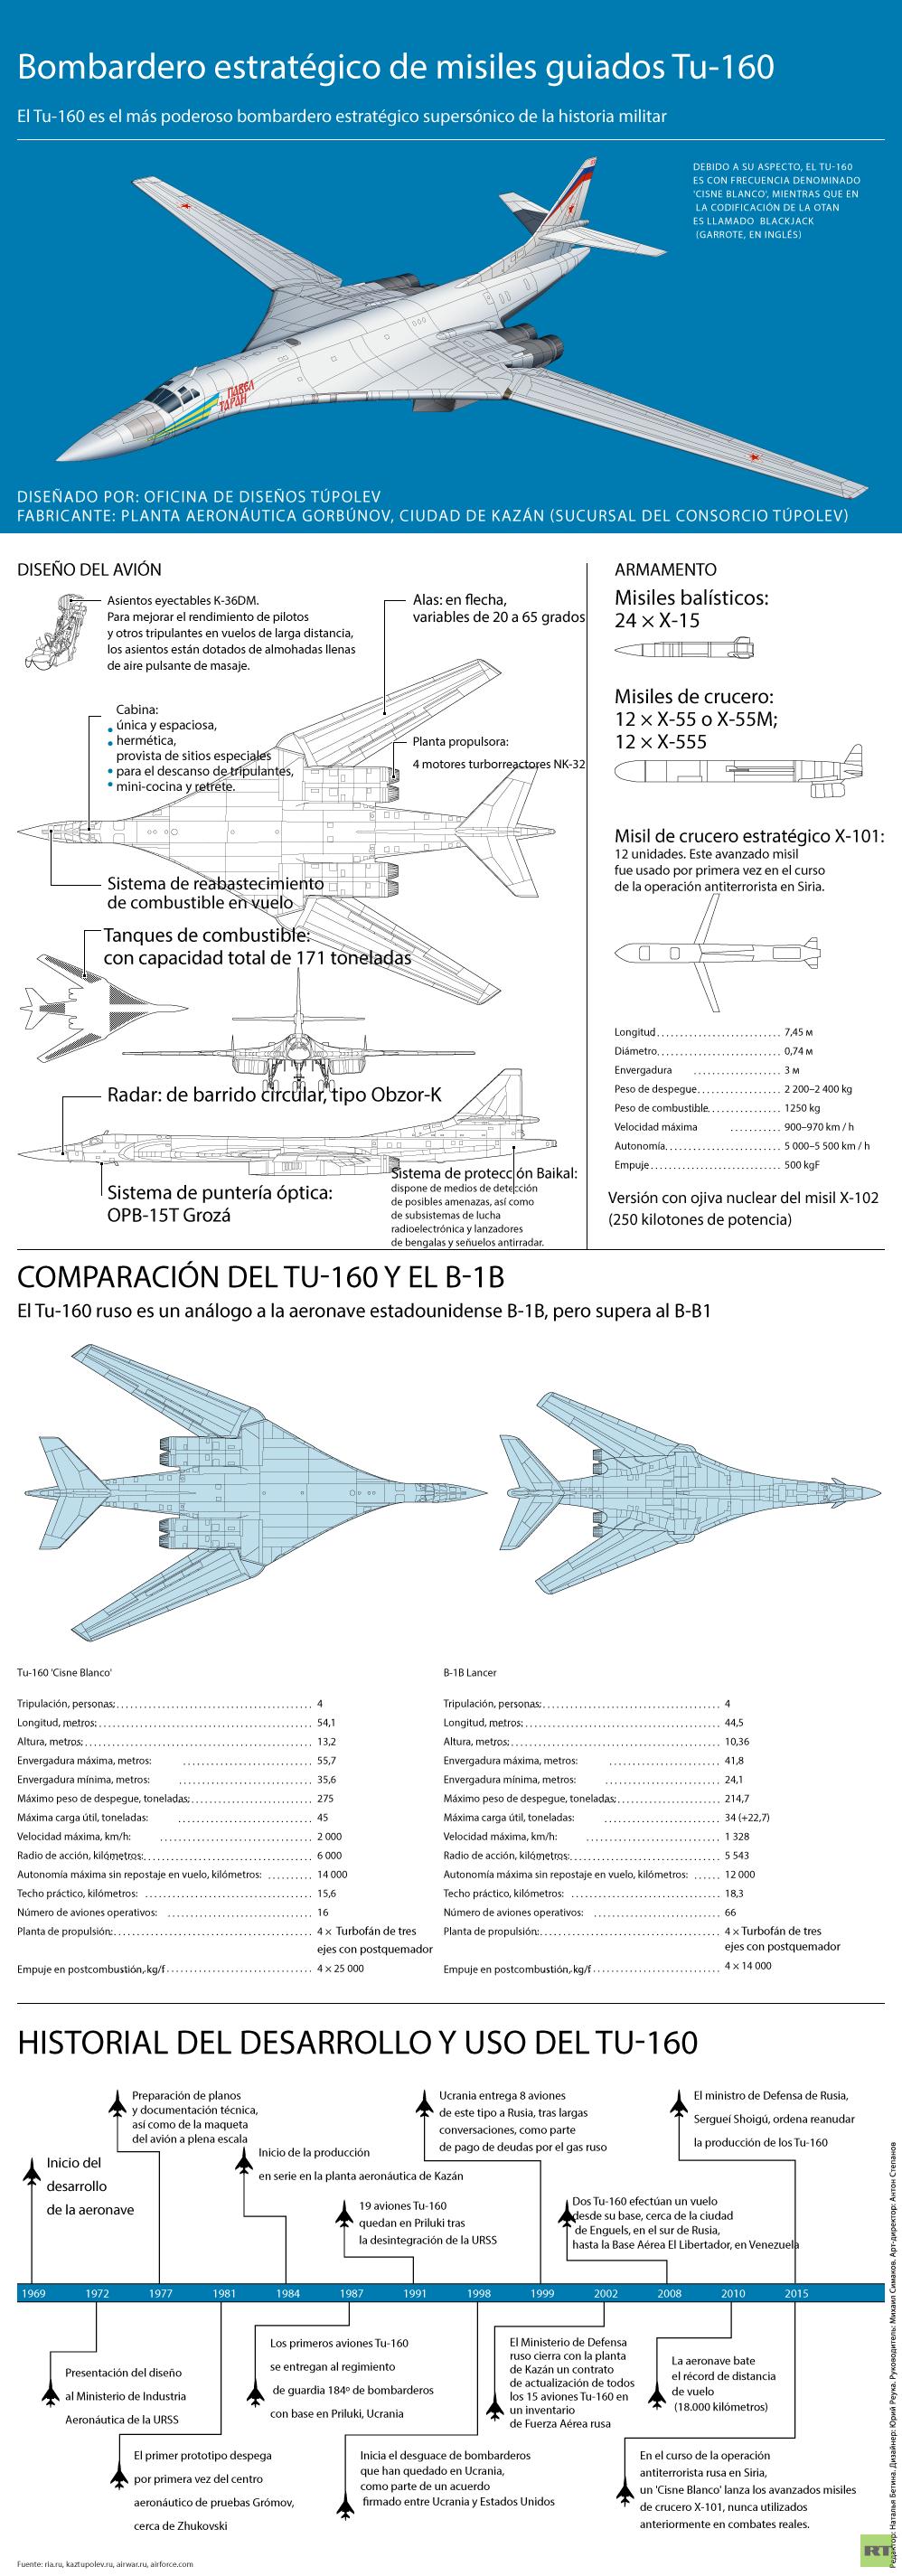 Tupolev Tu-160 (Bombardero pesado supersónico de geometría variable  Rusia) - Página 2 56631fd9c46188cb308b45f7